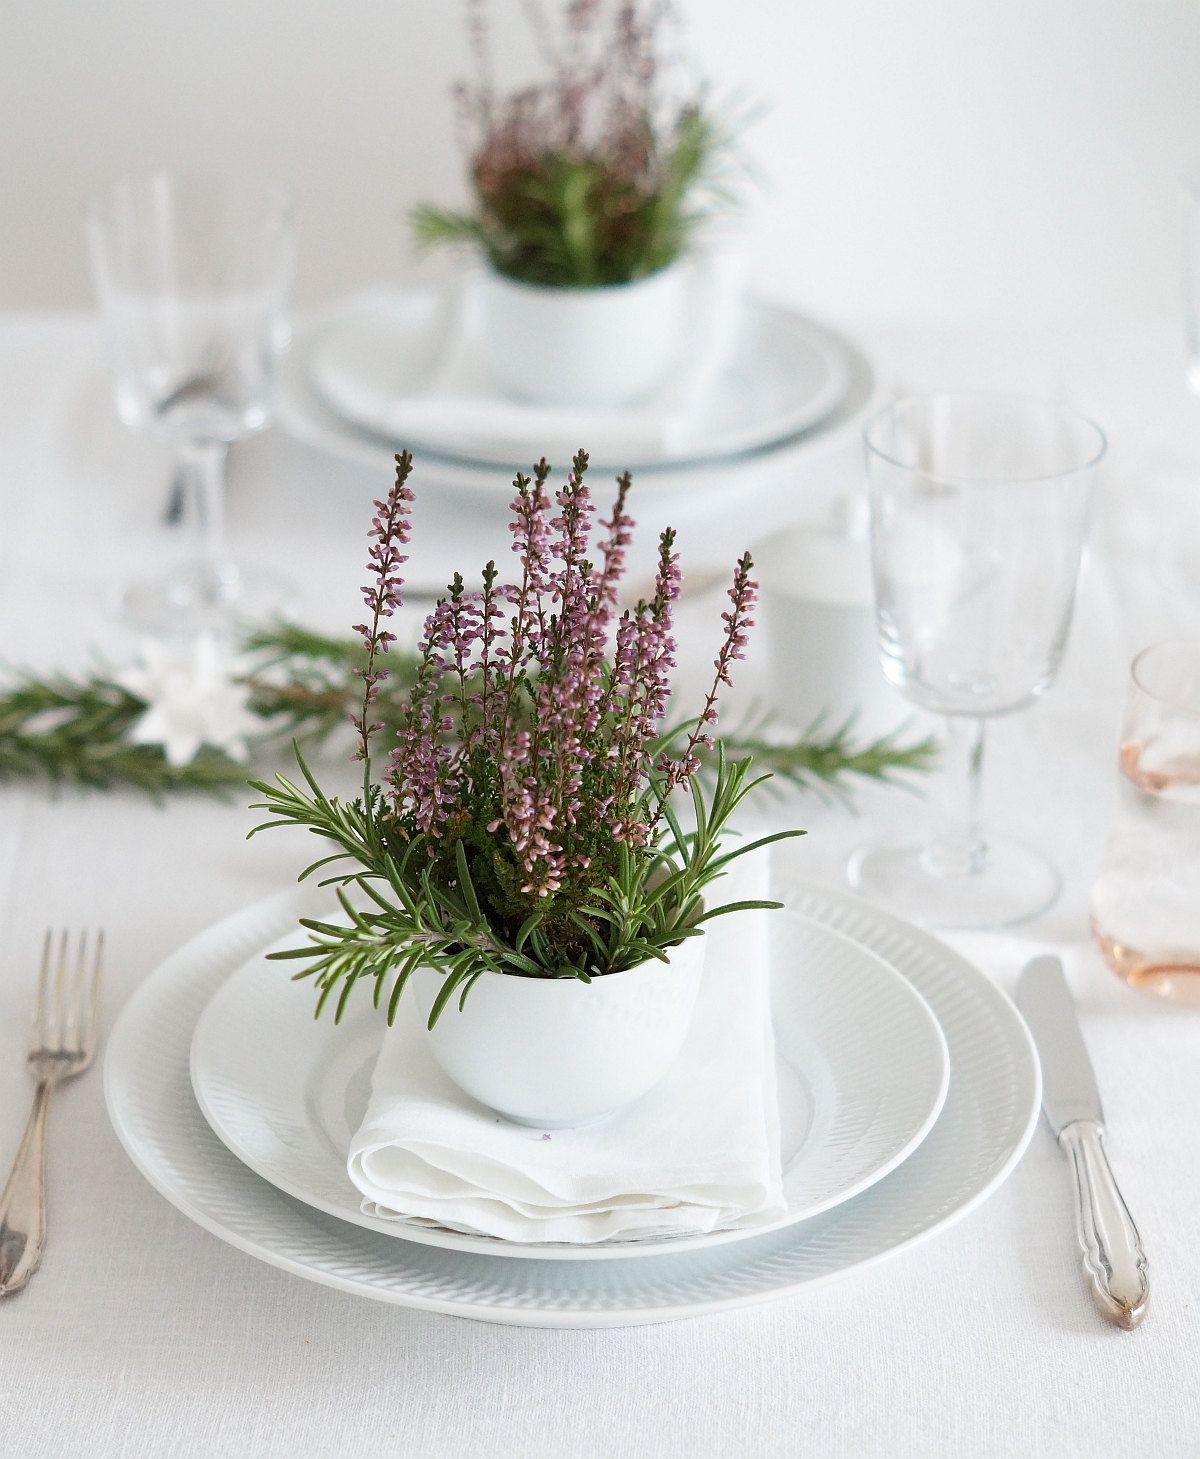 Deko Ideen Tischdekoration